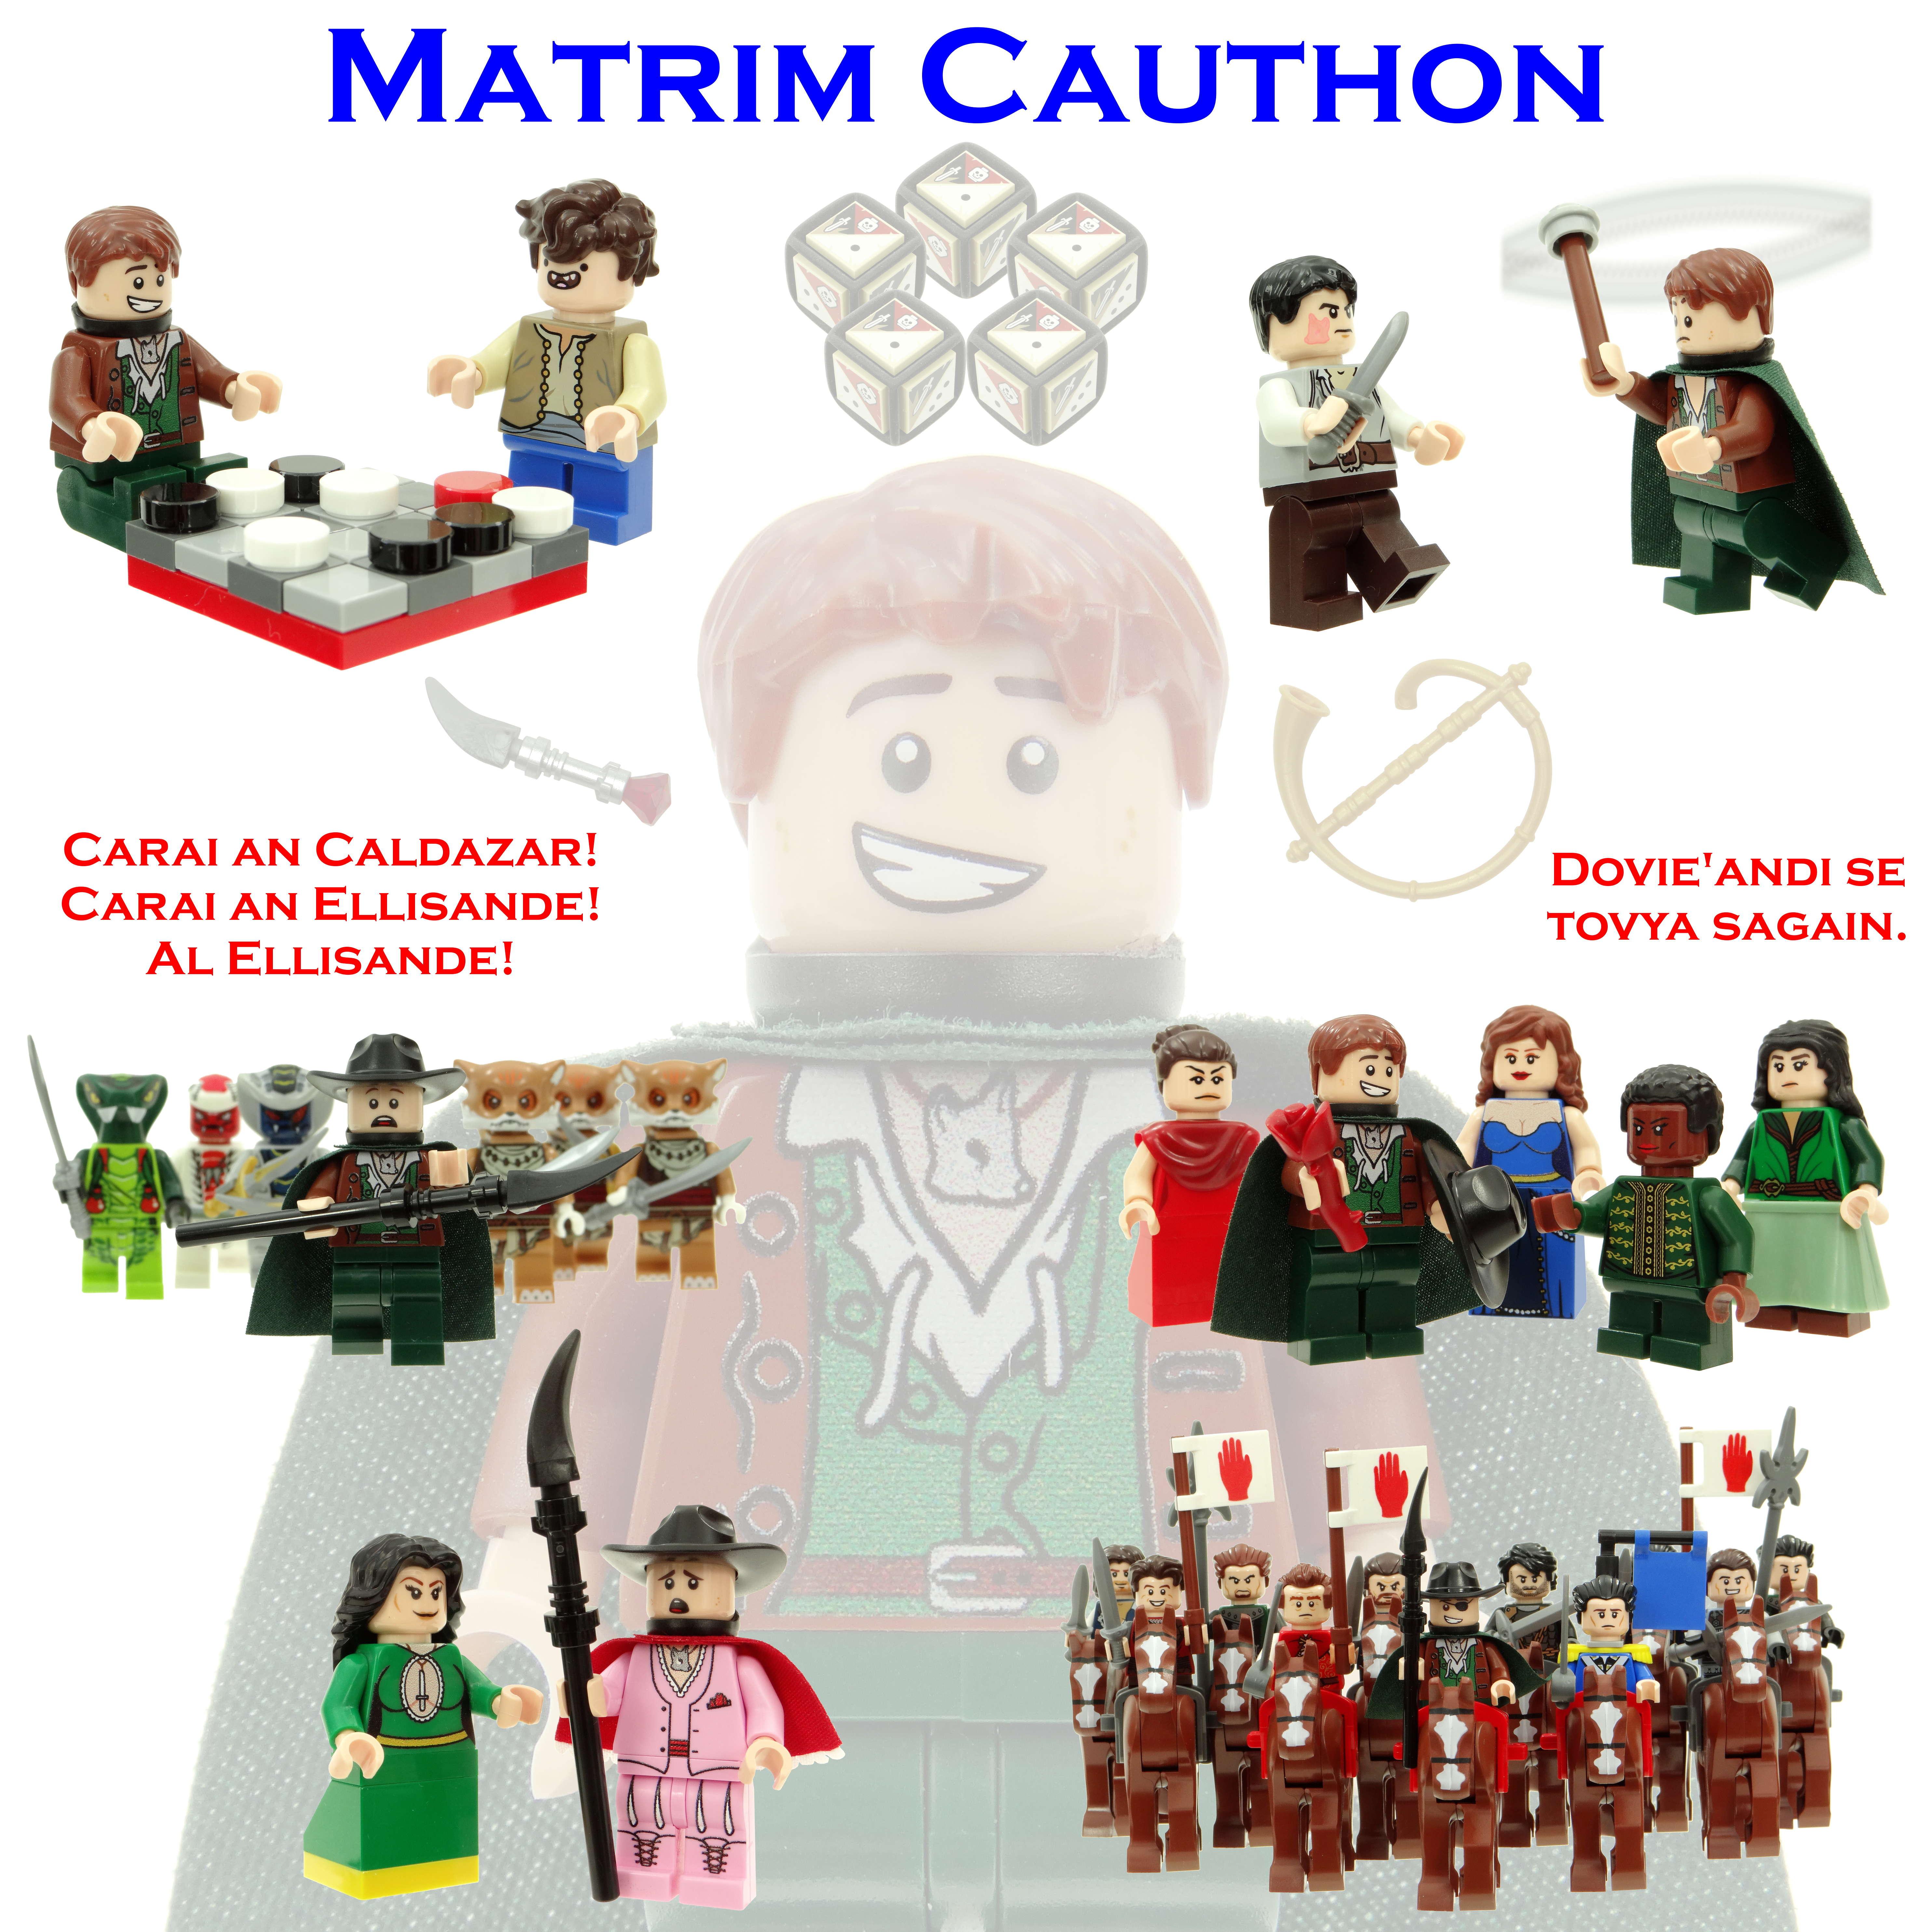 mat-cauthon